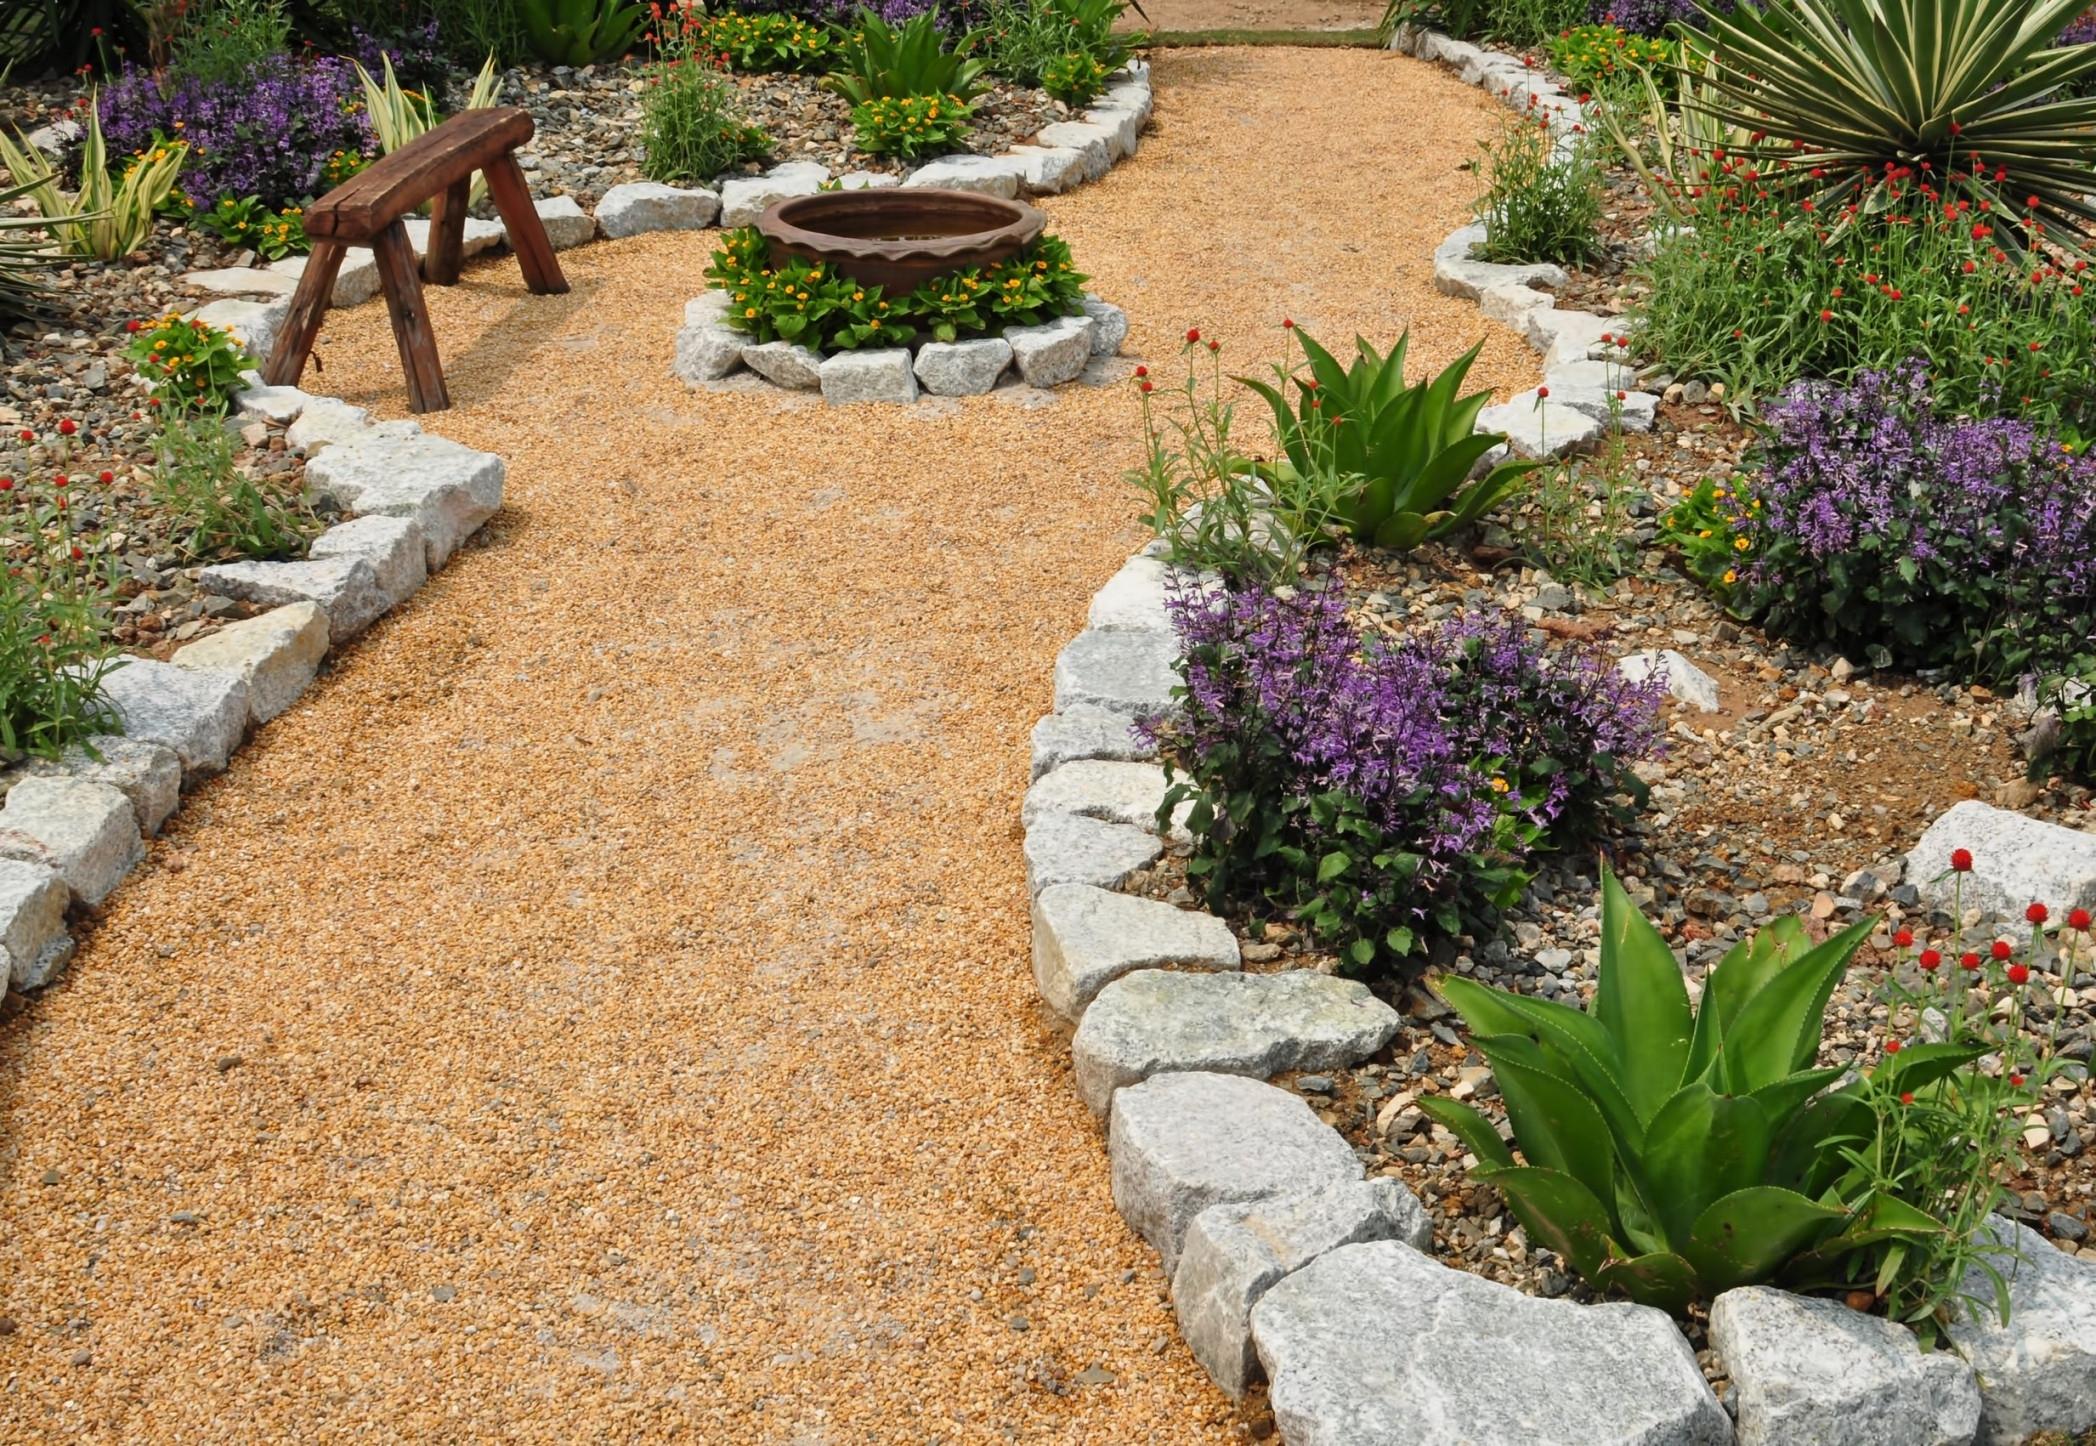 Driveway Drought Tolerant Landscape & Driveway Drought Tolerant Landscape \u2013 Madison Art Center Design